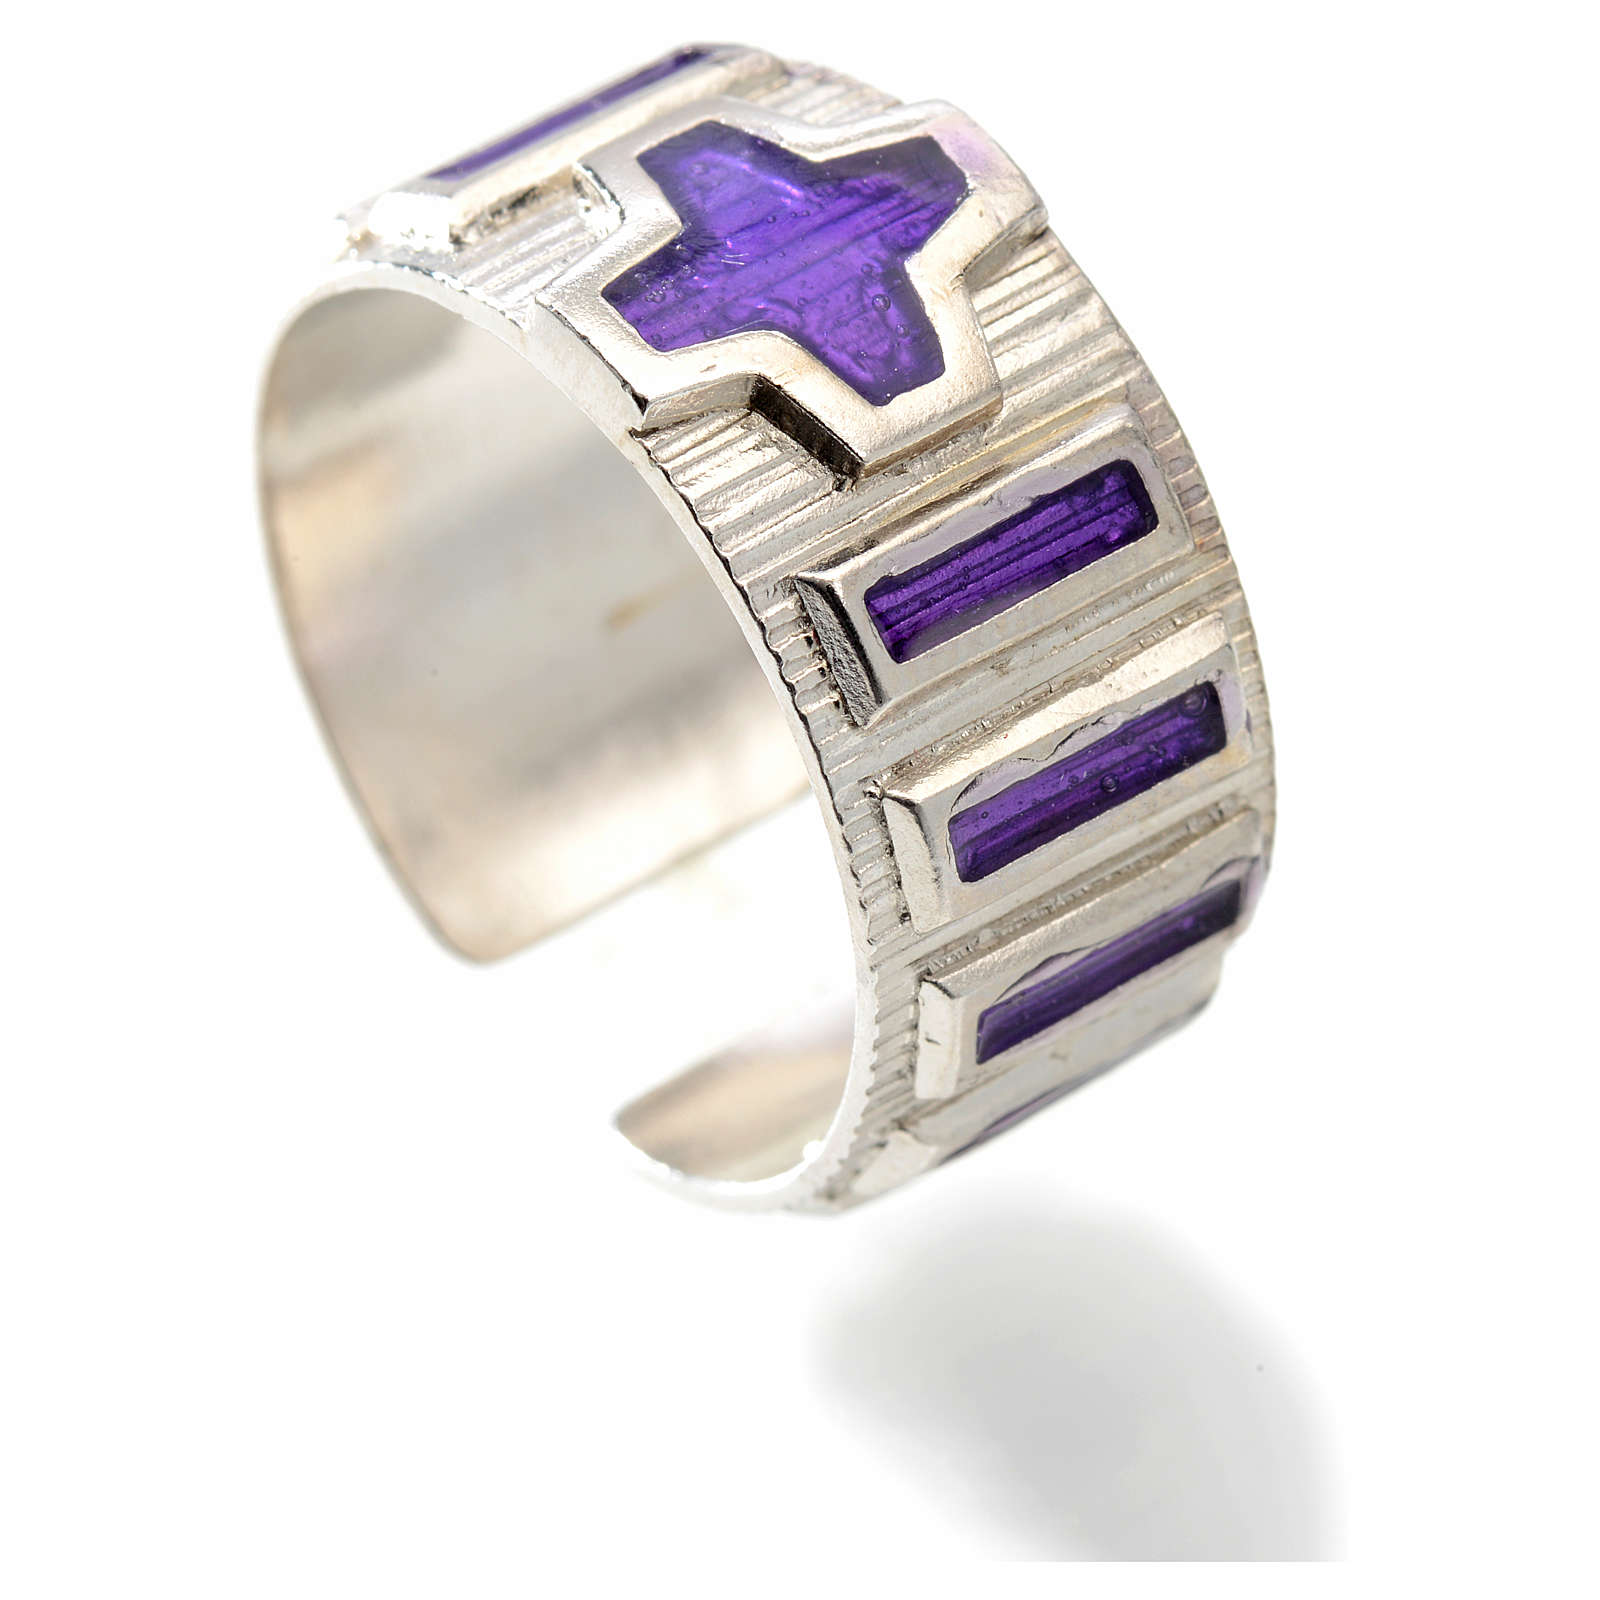 Anillo decena metal plateado 800 esmalte violeta 3